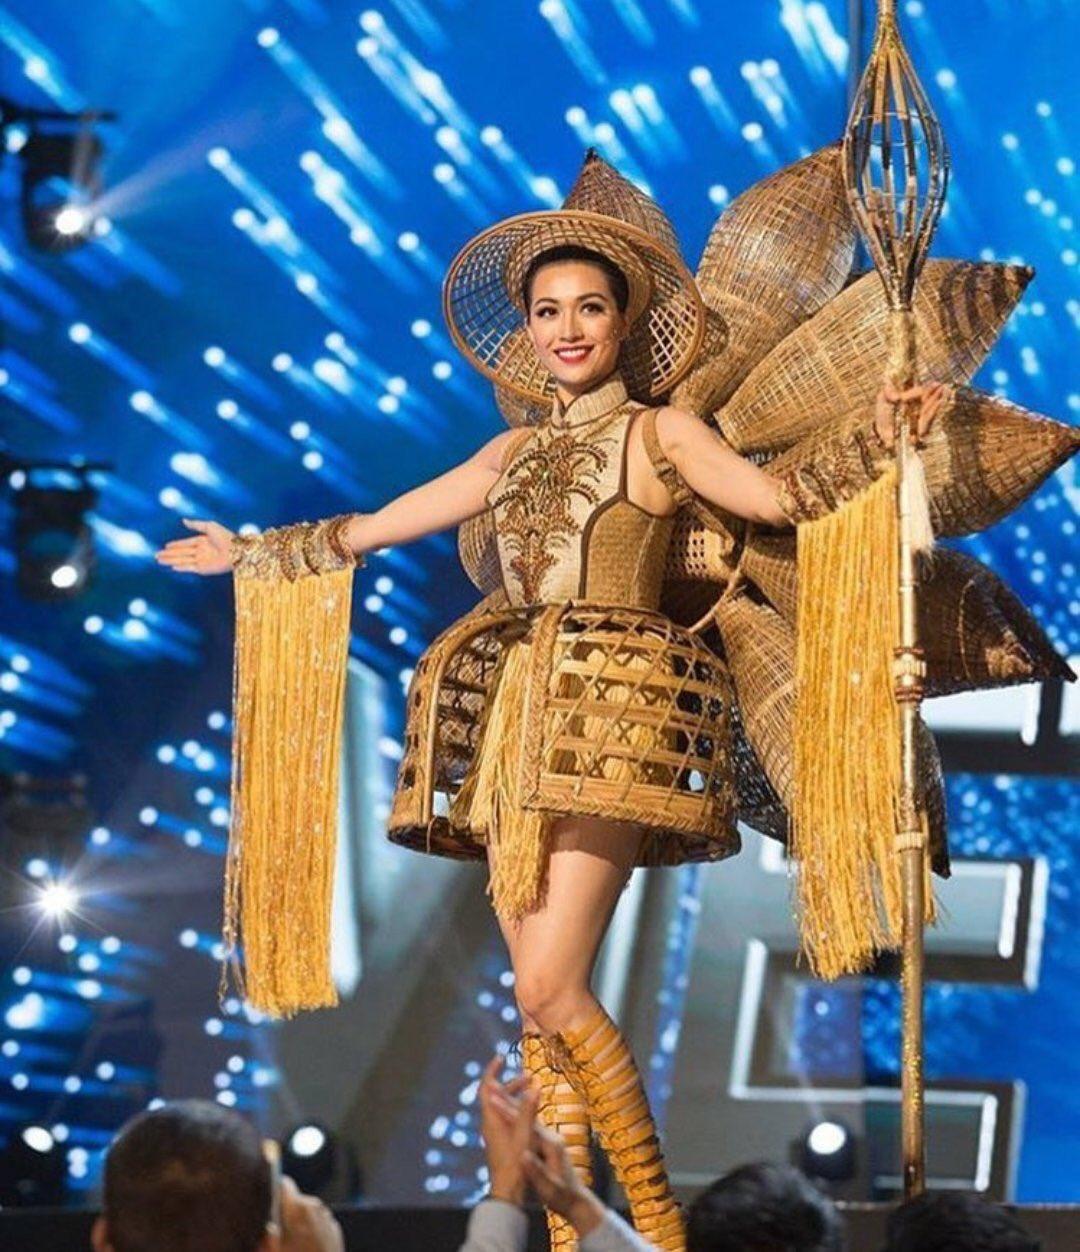 Chủ nhân National Costume Nàng Mây thiết kế váy tàu điện Metro cho Khánh Vân: Cổng trường cũng thành trang phục cực chất Ảnh 19